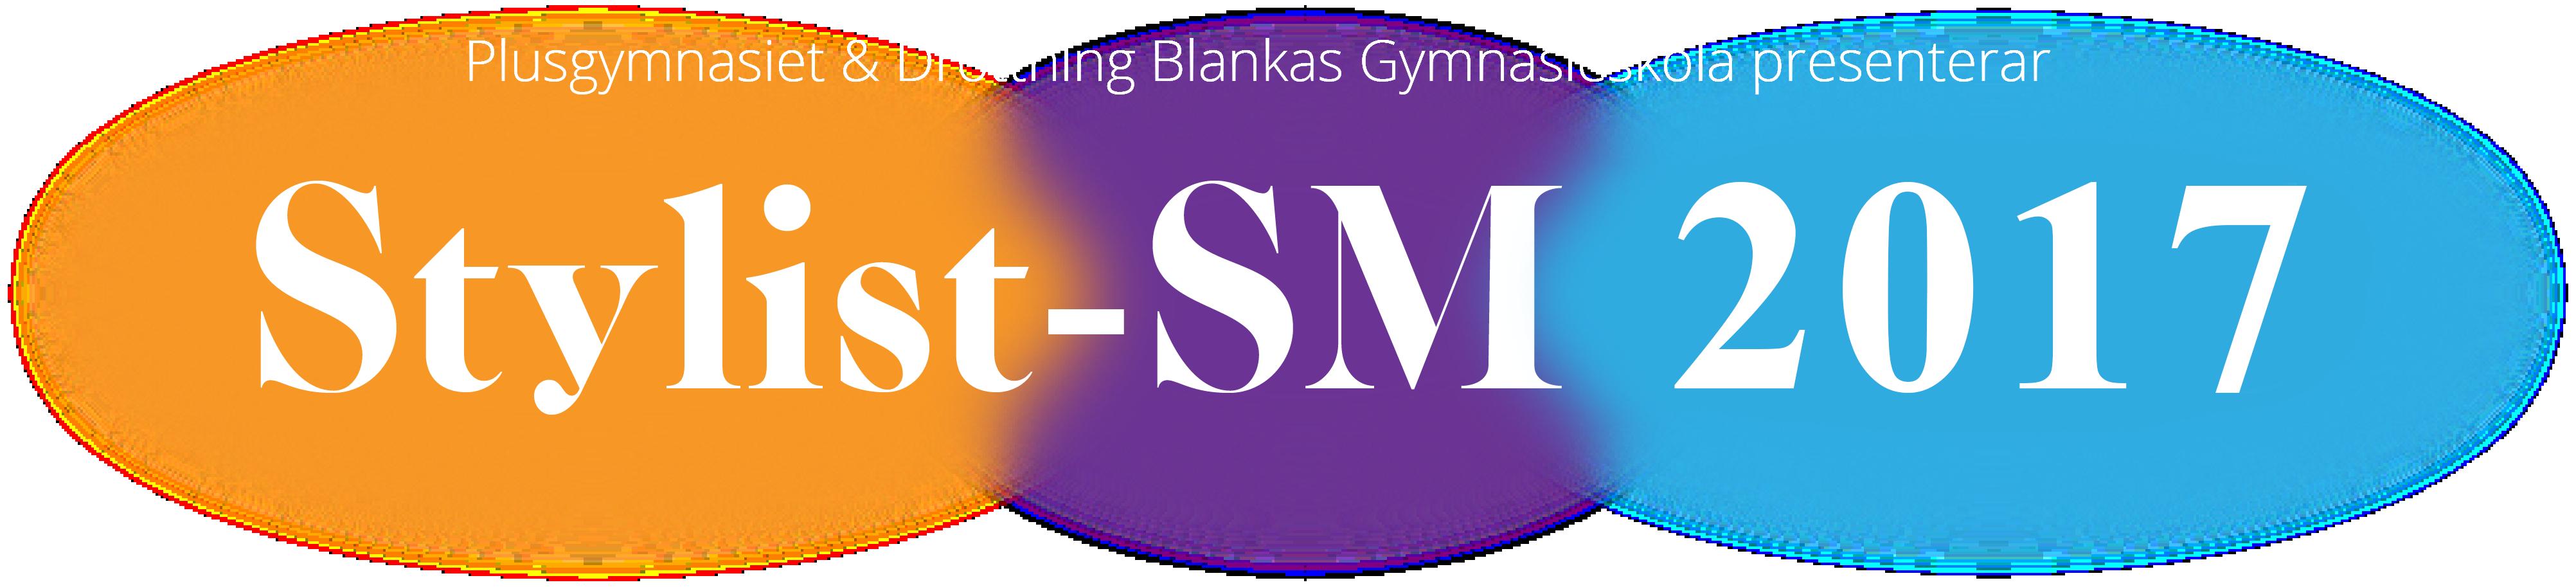 Stylist-SM 2017 Logo